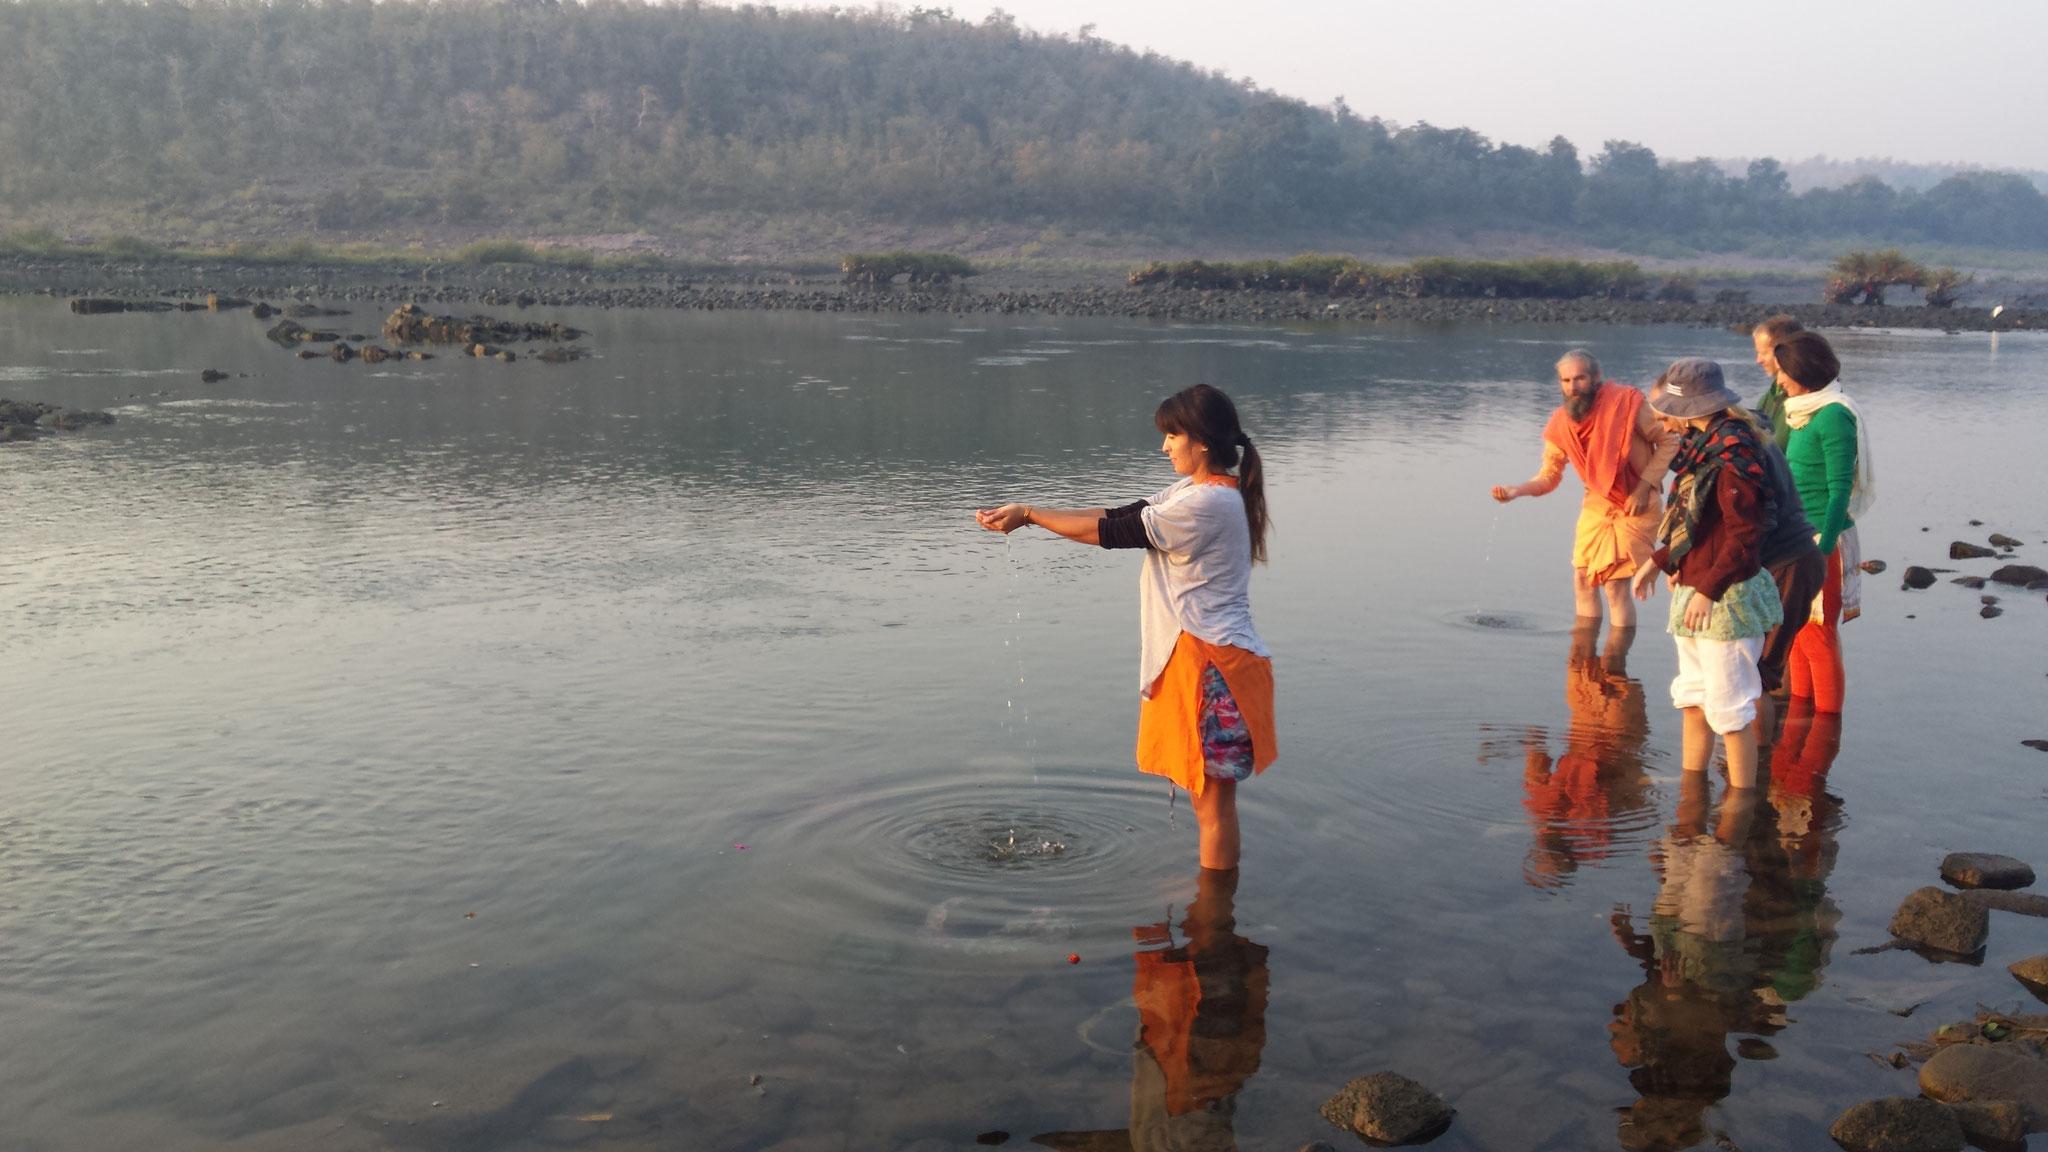 Rituelle Reinigung im heiligen Fluß